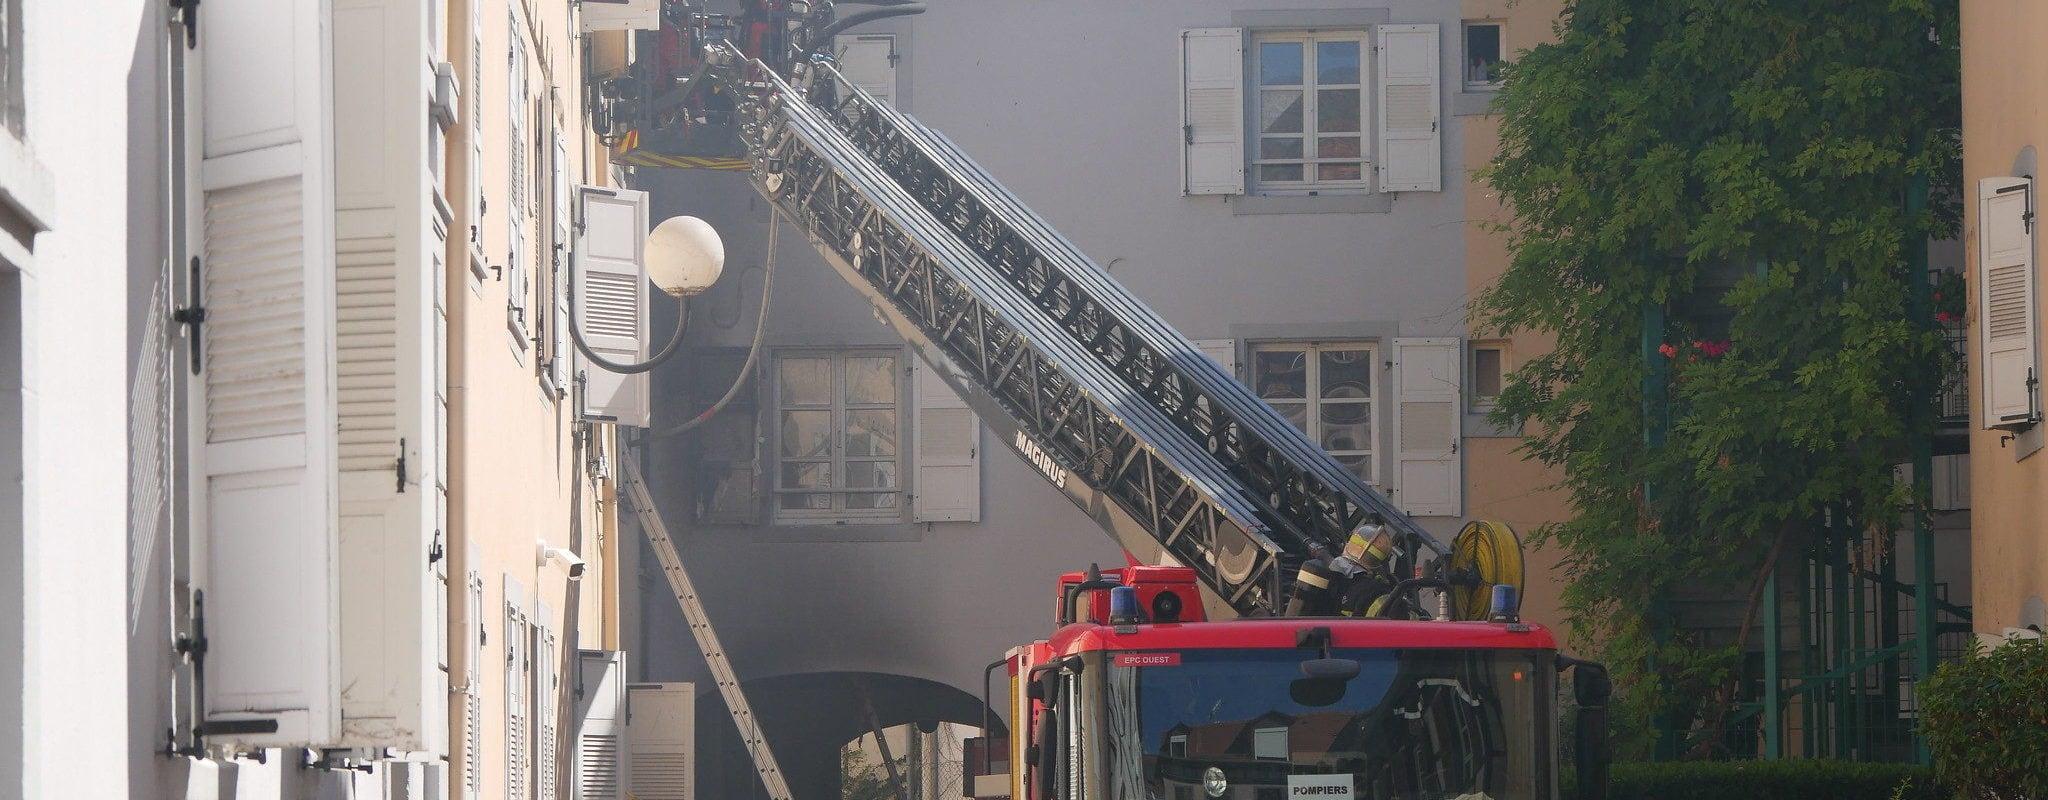 Incendie à Schiltigheim : un suspect avoue, le motif raciste non-établi